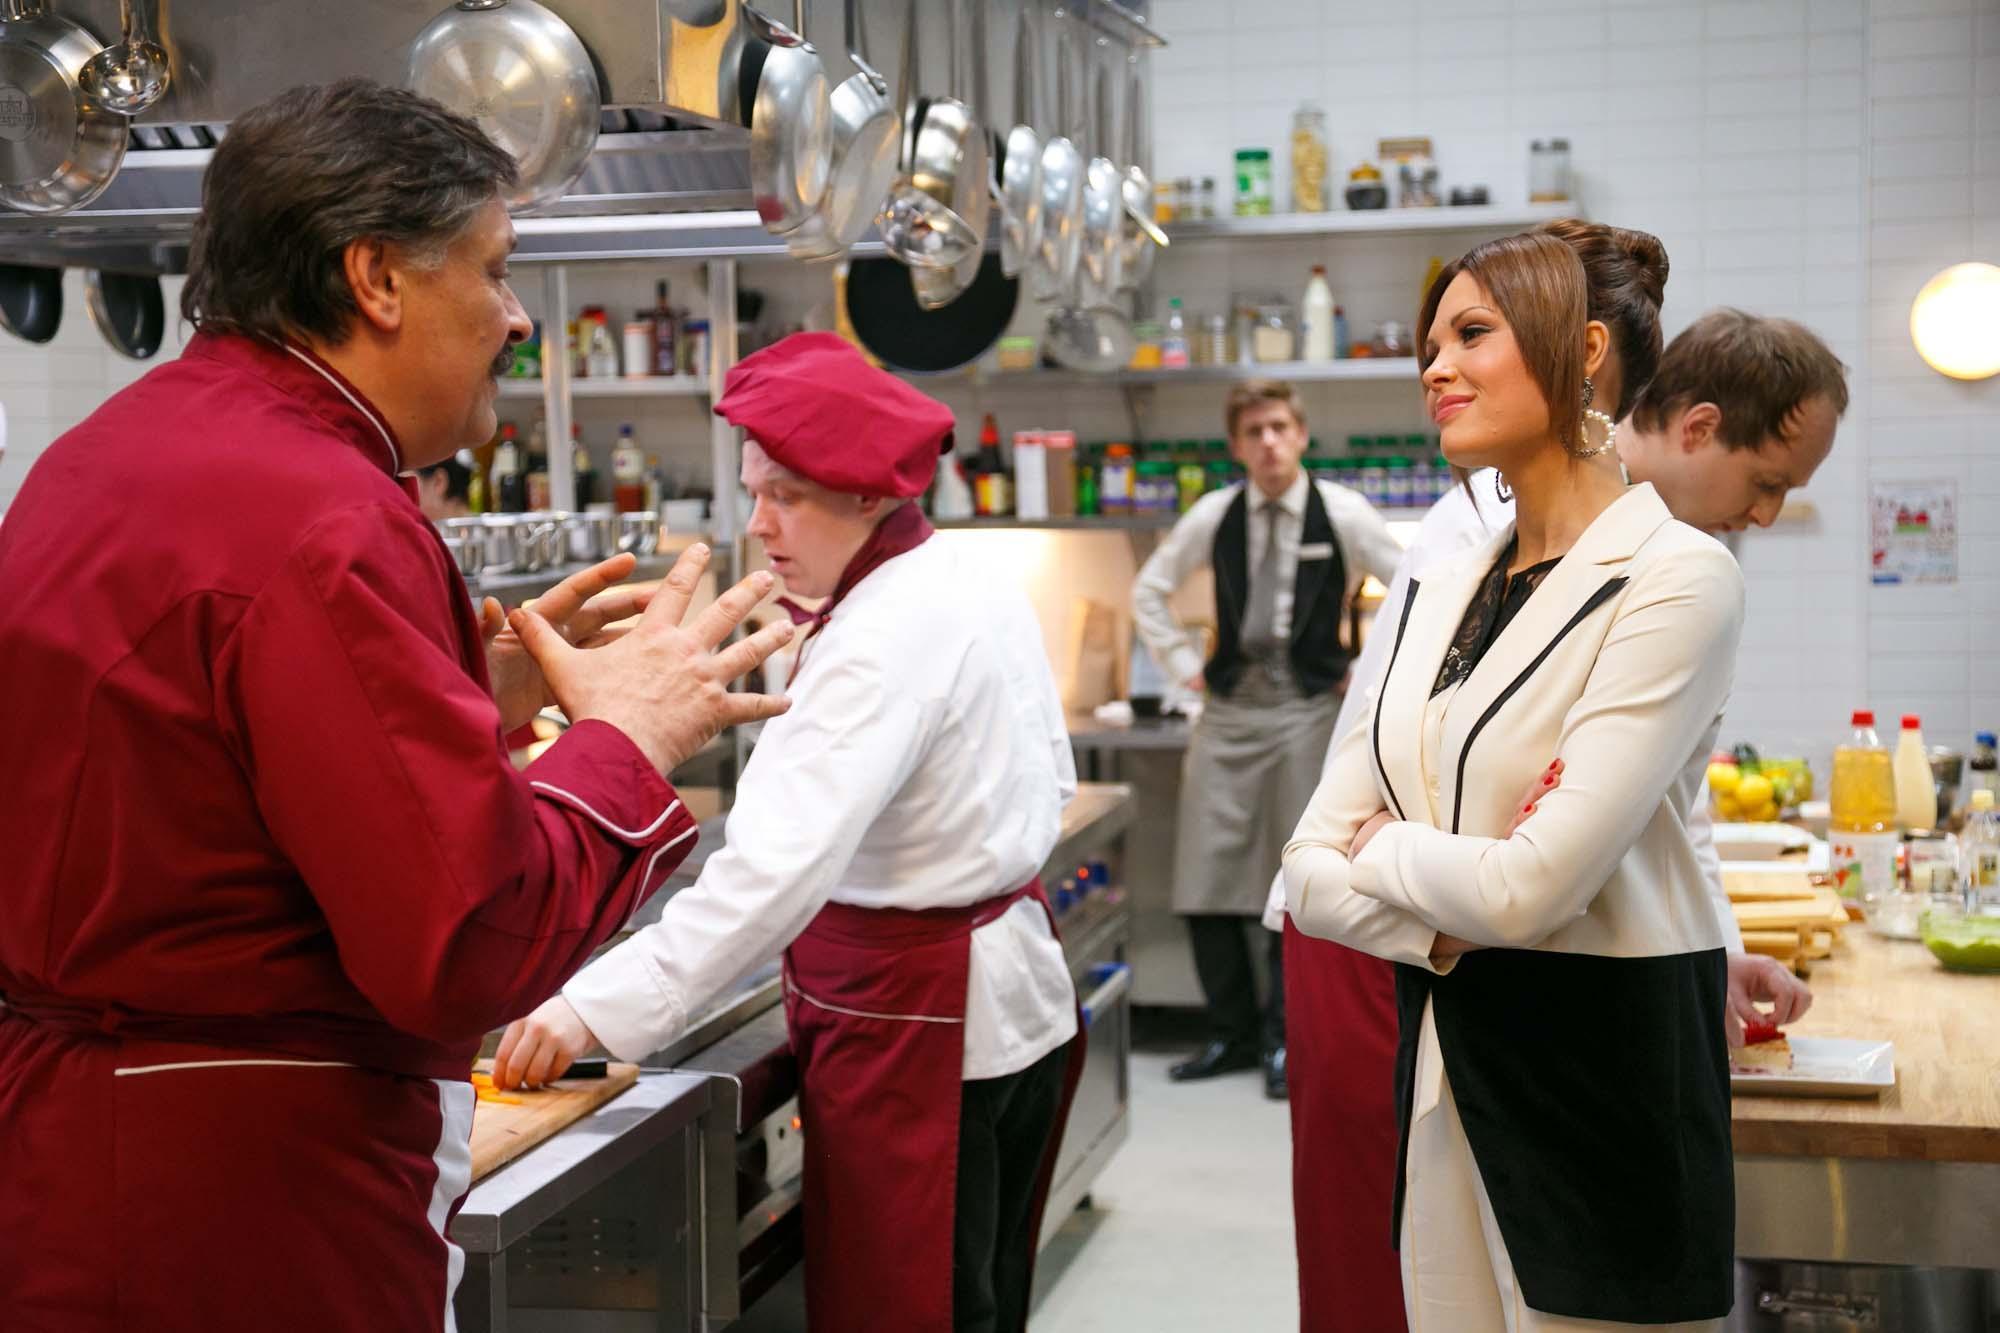 кухня актёры 2 сезон